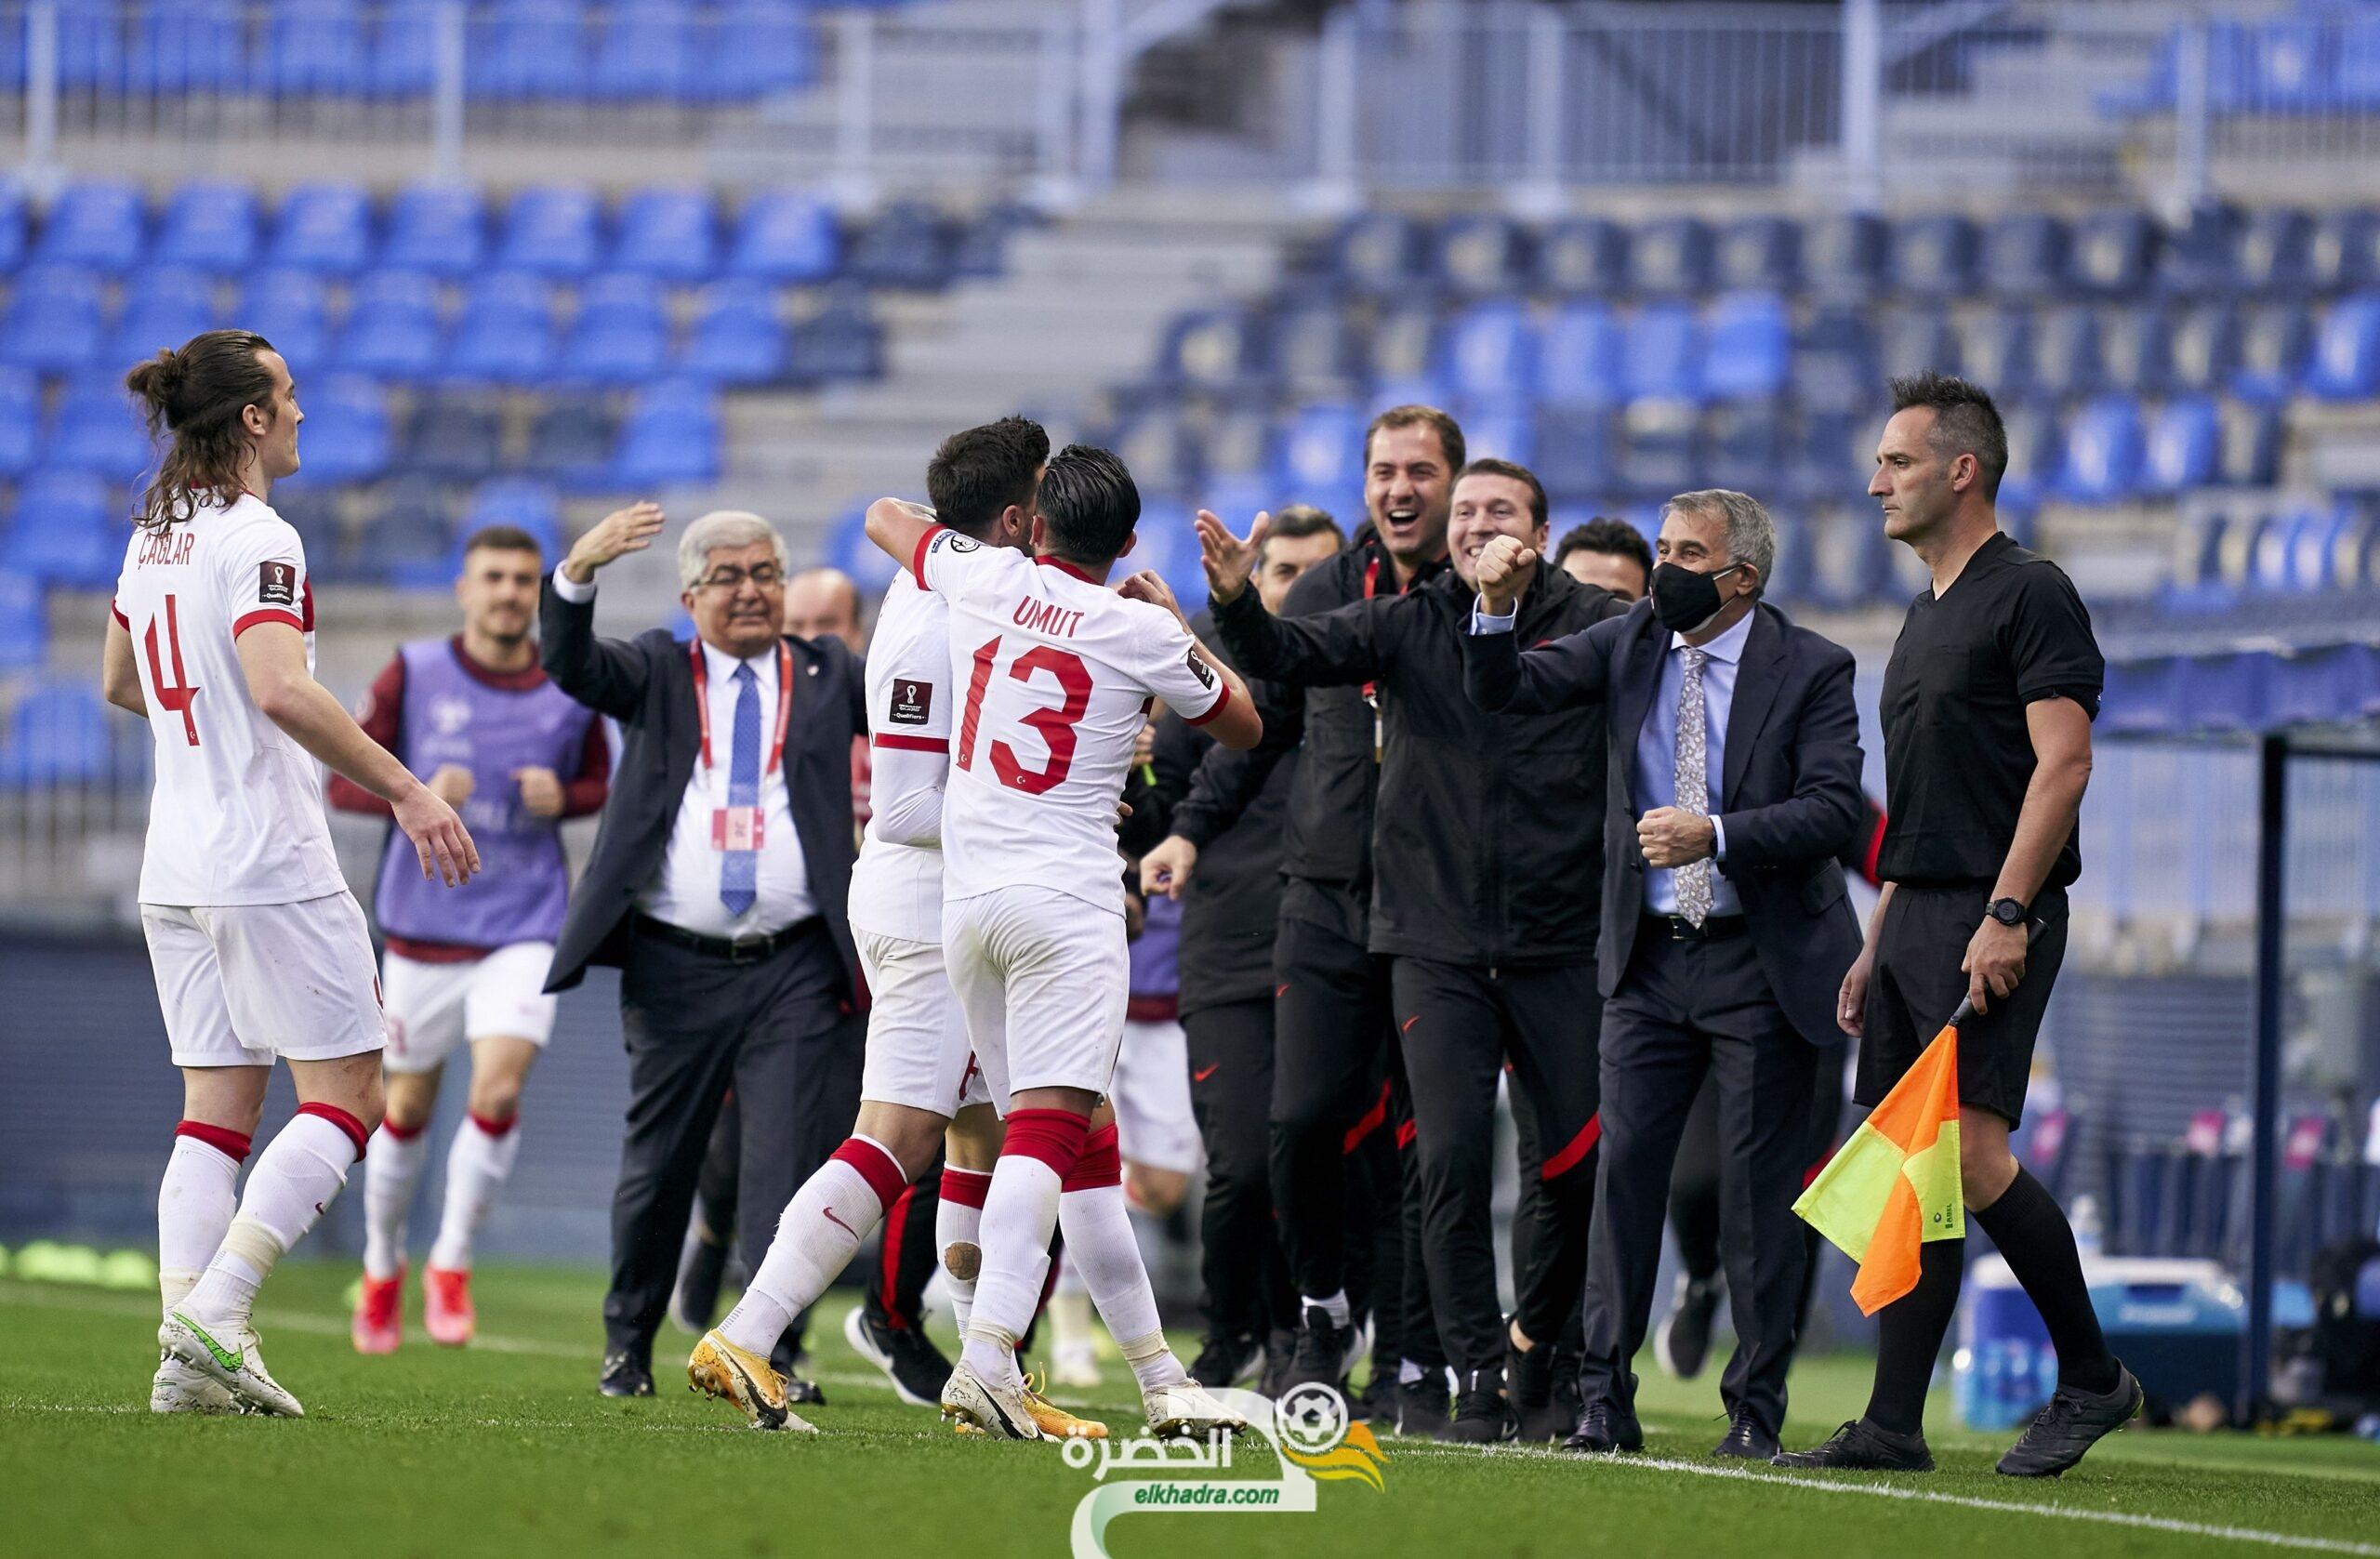 منتخب تركيا يفوز على النرويج ويتصدر المجموعة السابعة من التصفيات الأوروبية 23